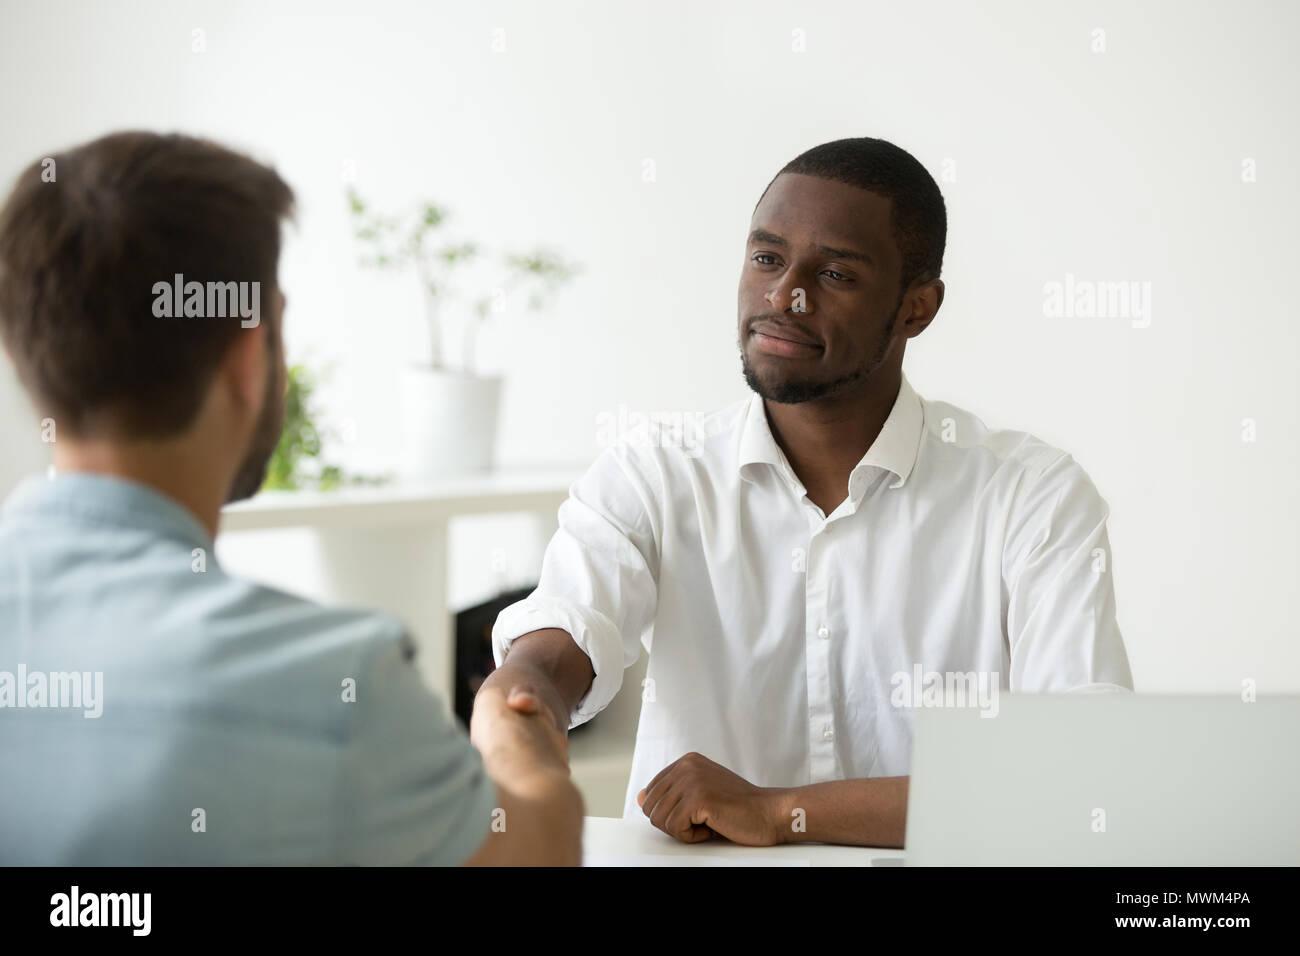 Froh, dass afrikanische amerikanische Arbeitgeber handshaking angestellt Kaukasischen Job ein Stockbild